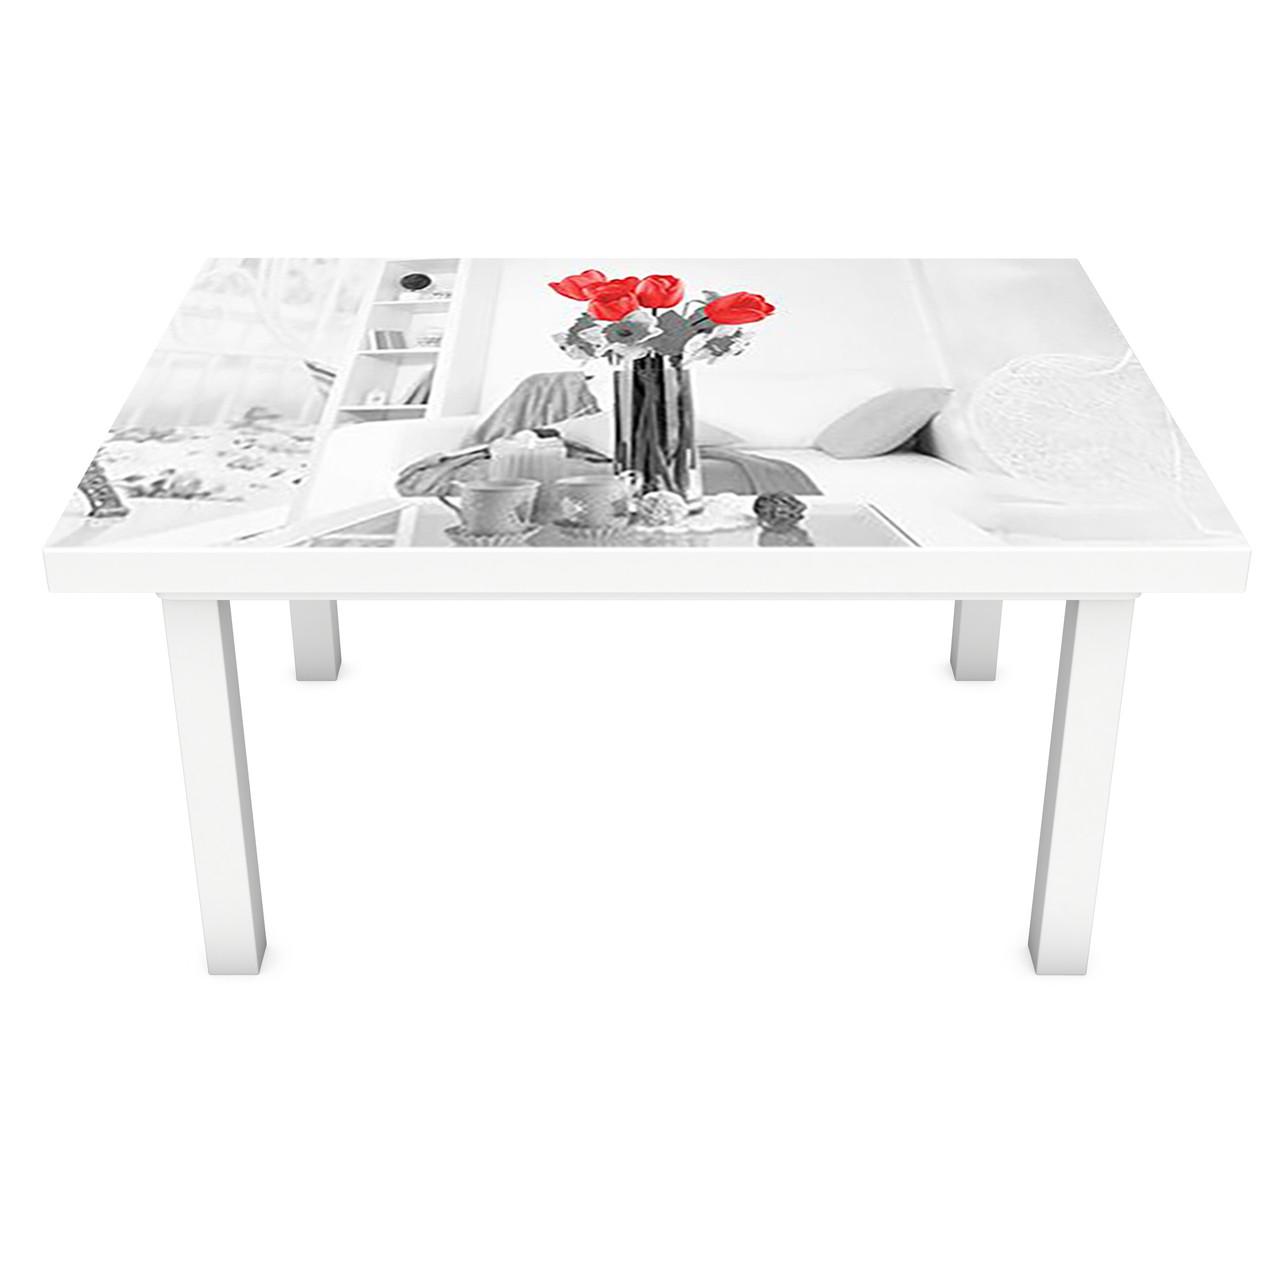 Наклейка на стол виниловая Домашний уют 02 на мебель интерьерная ПВХ 3Д Париж Эйфелева башня 600*1200 мм